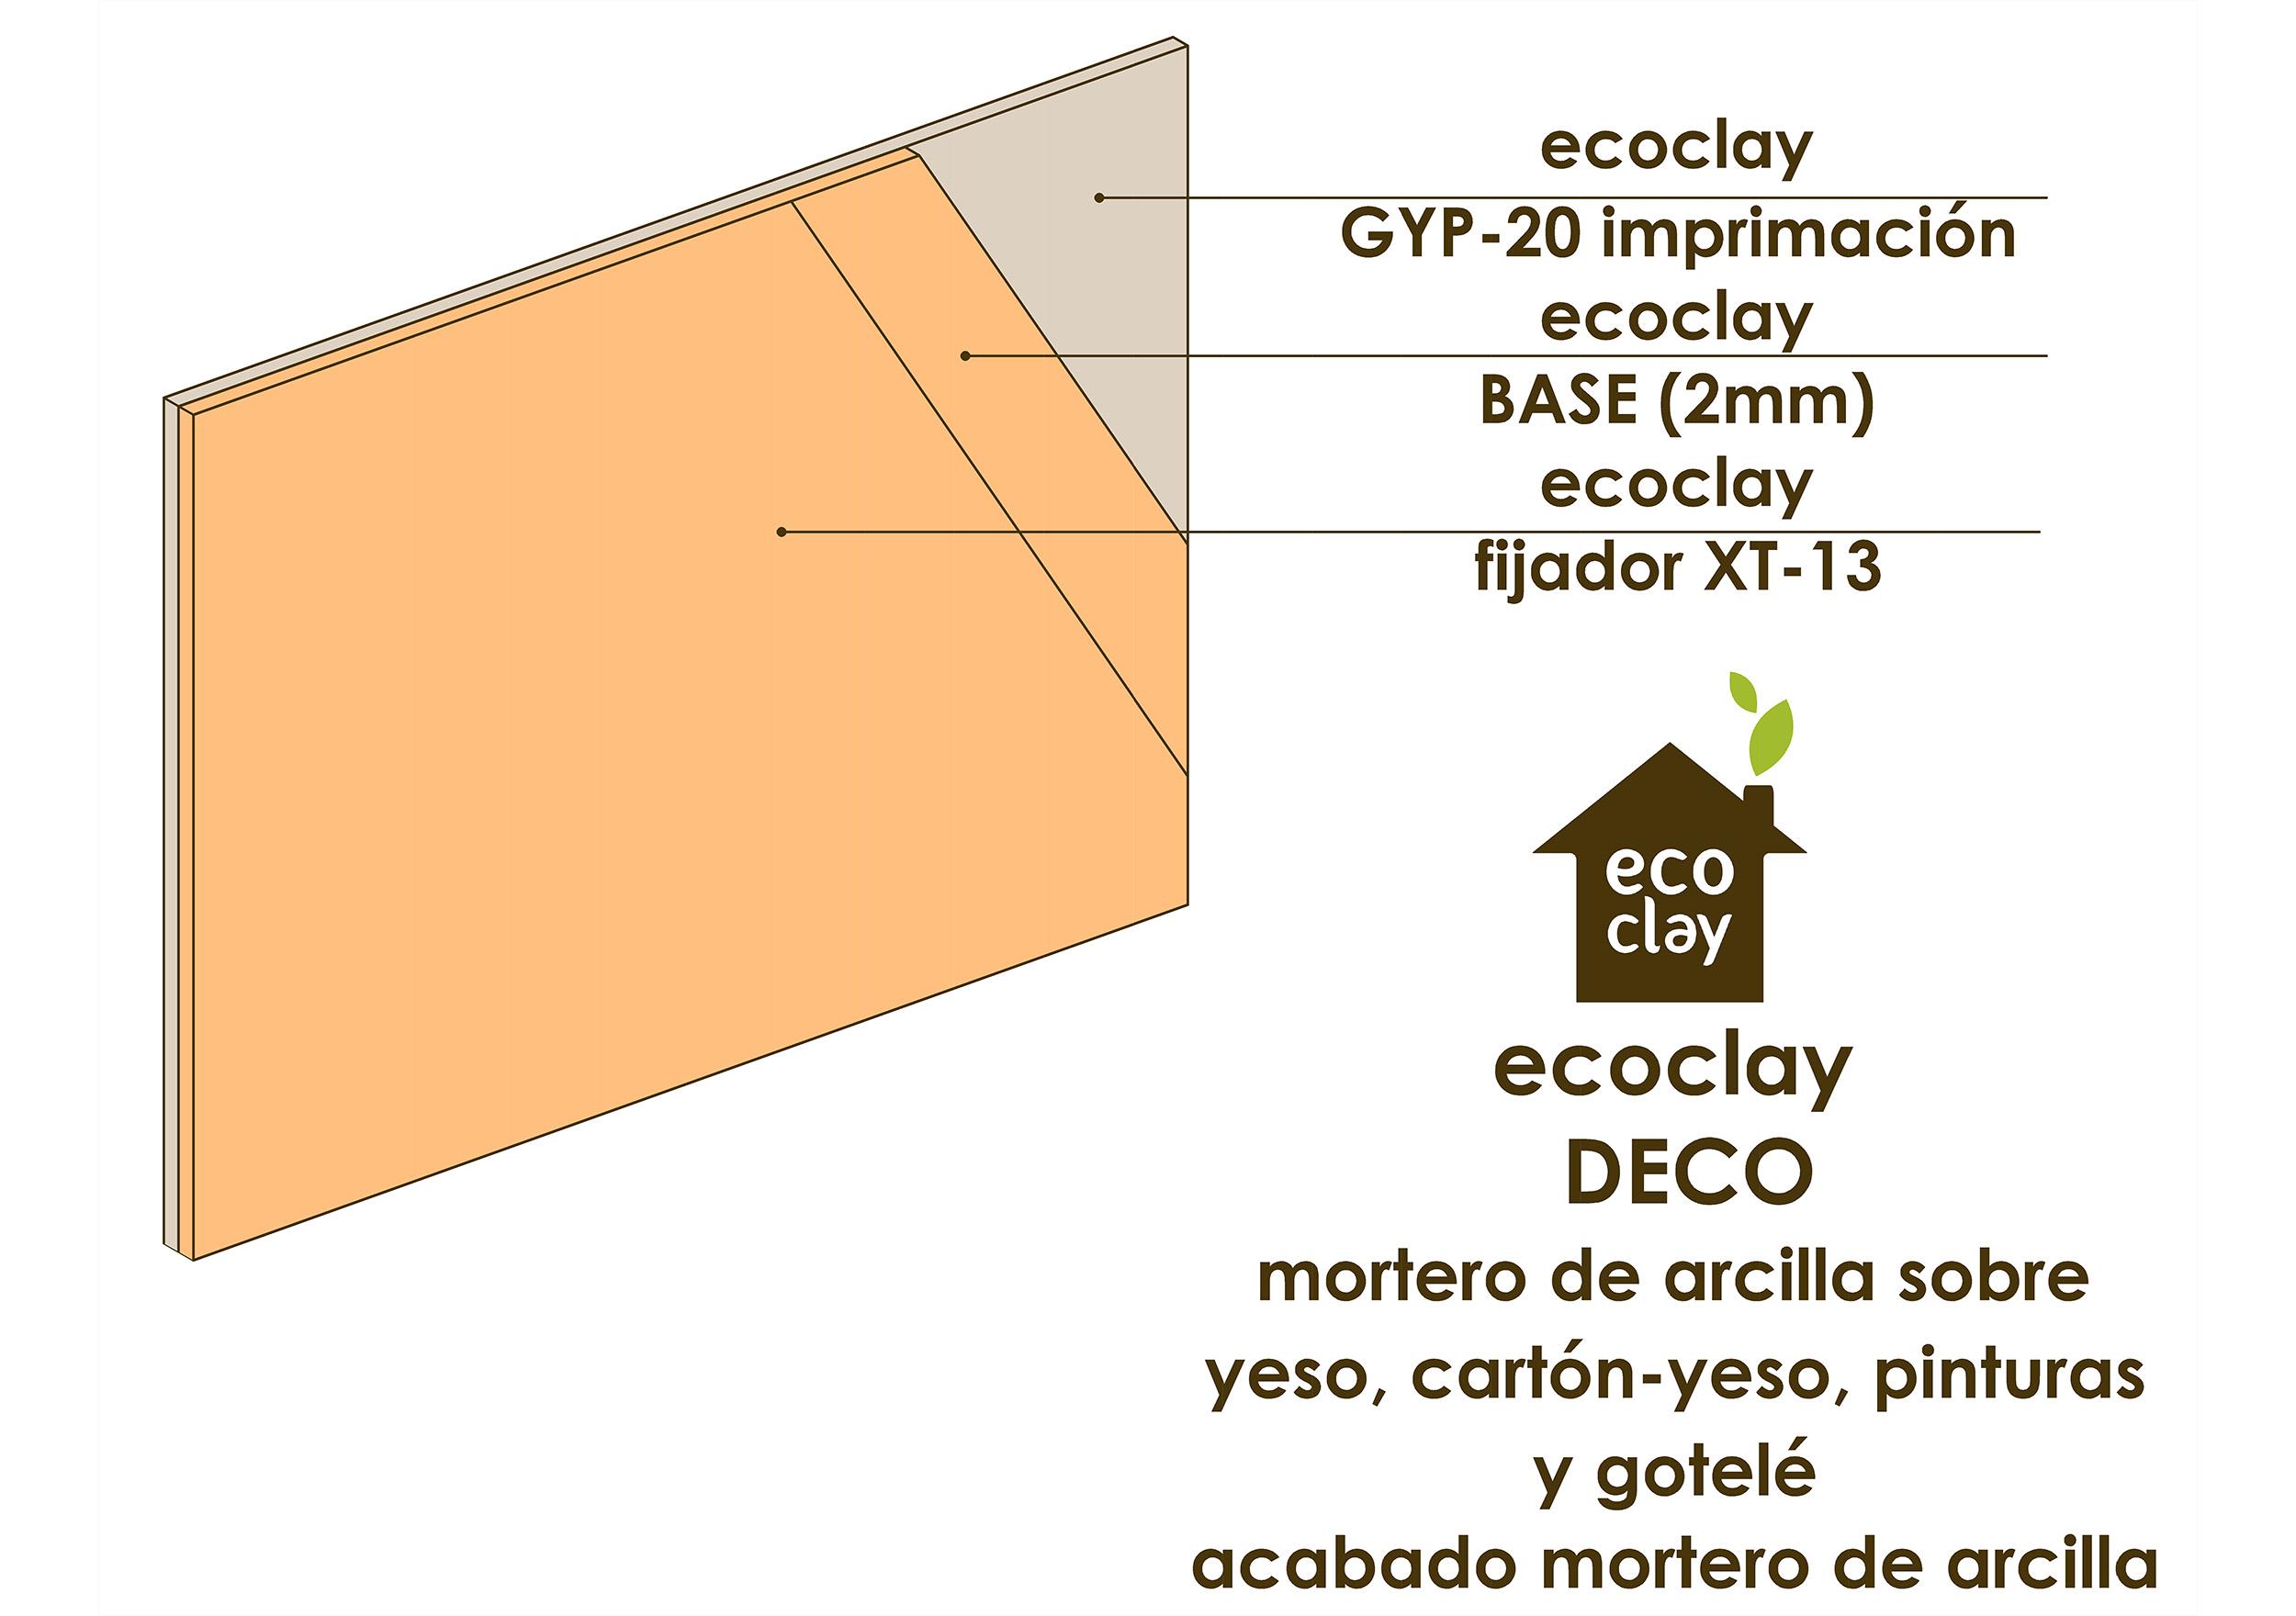 ecoclayDECO, acabado mortero de arcilla, ecoclay BASE